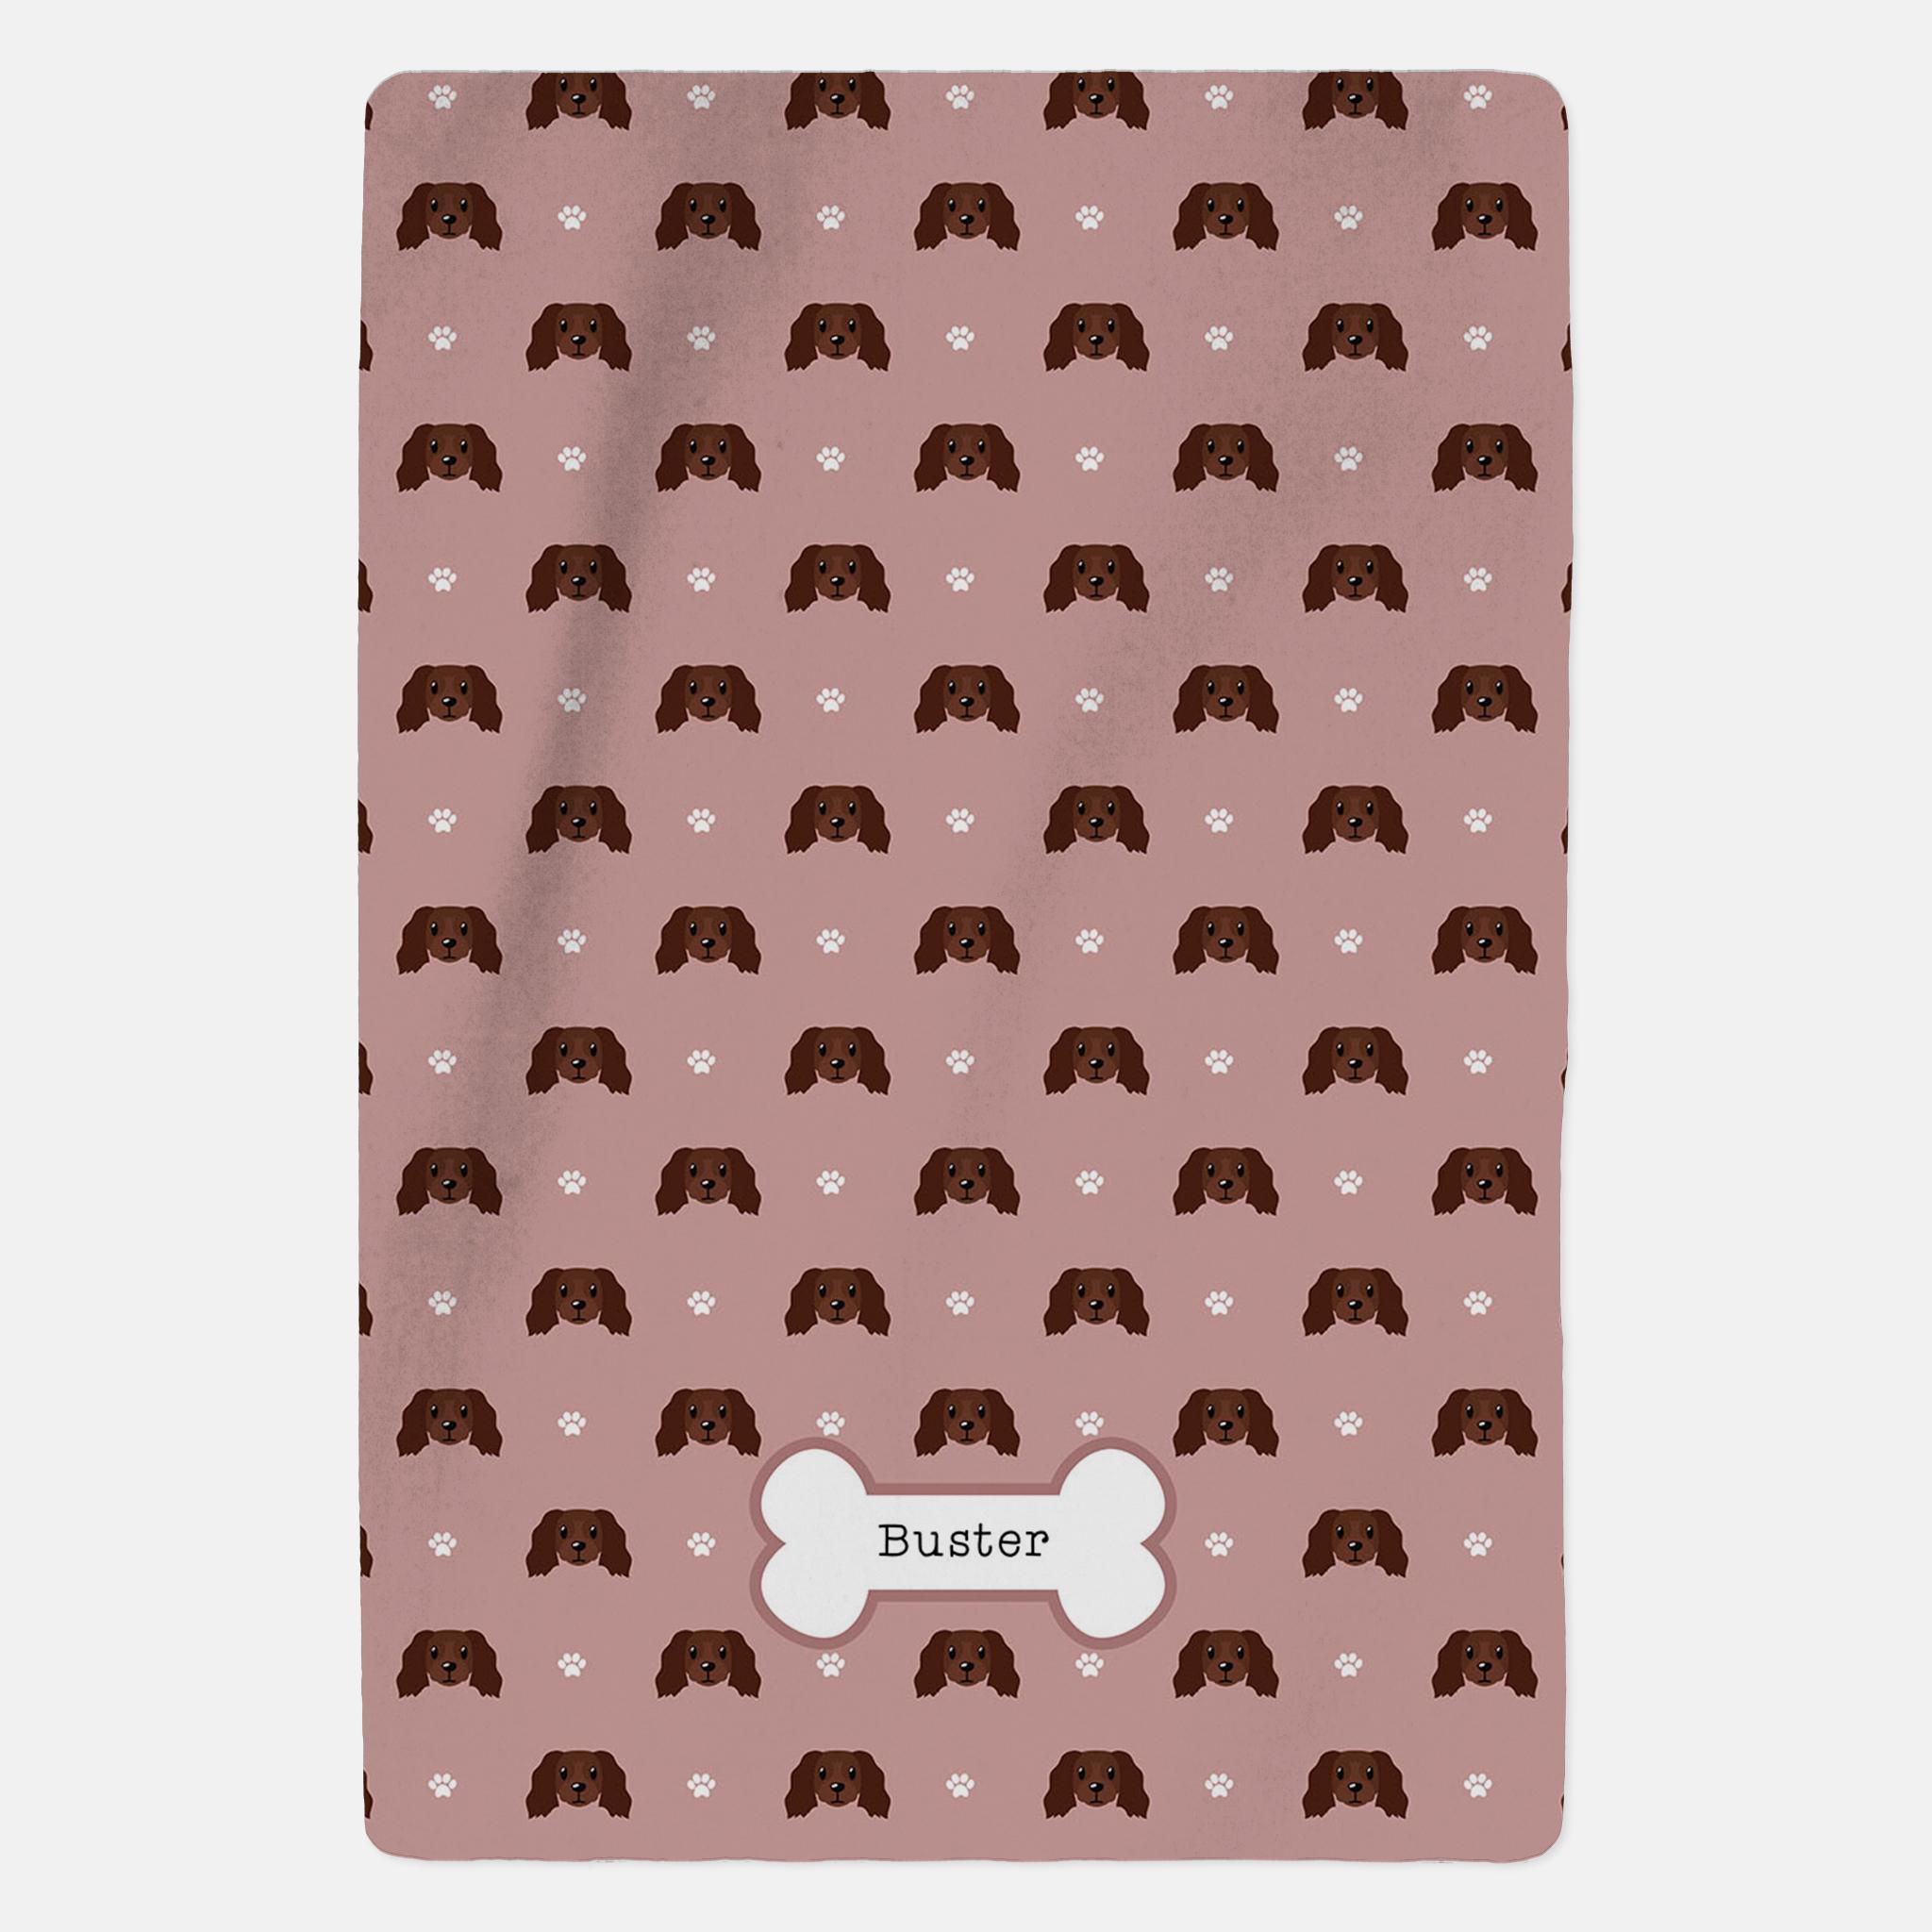 Personalised Chocolate Cocker Spaniel Blanket - Pattern